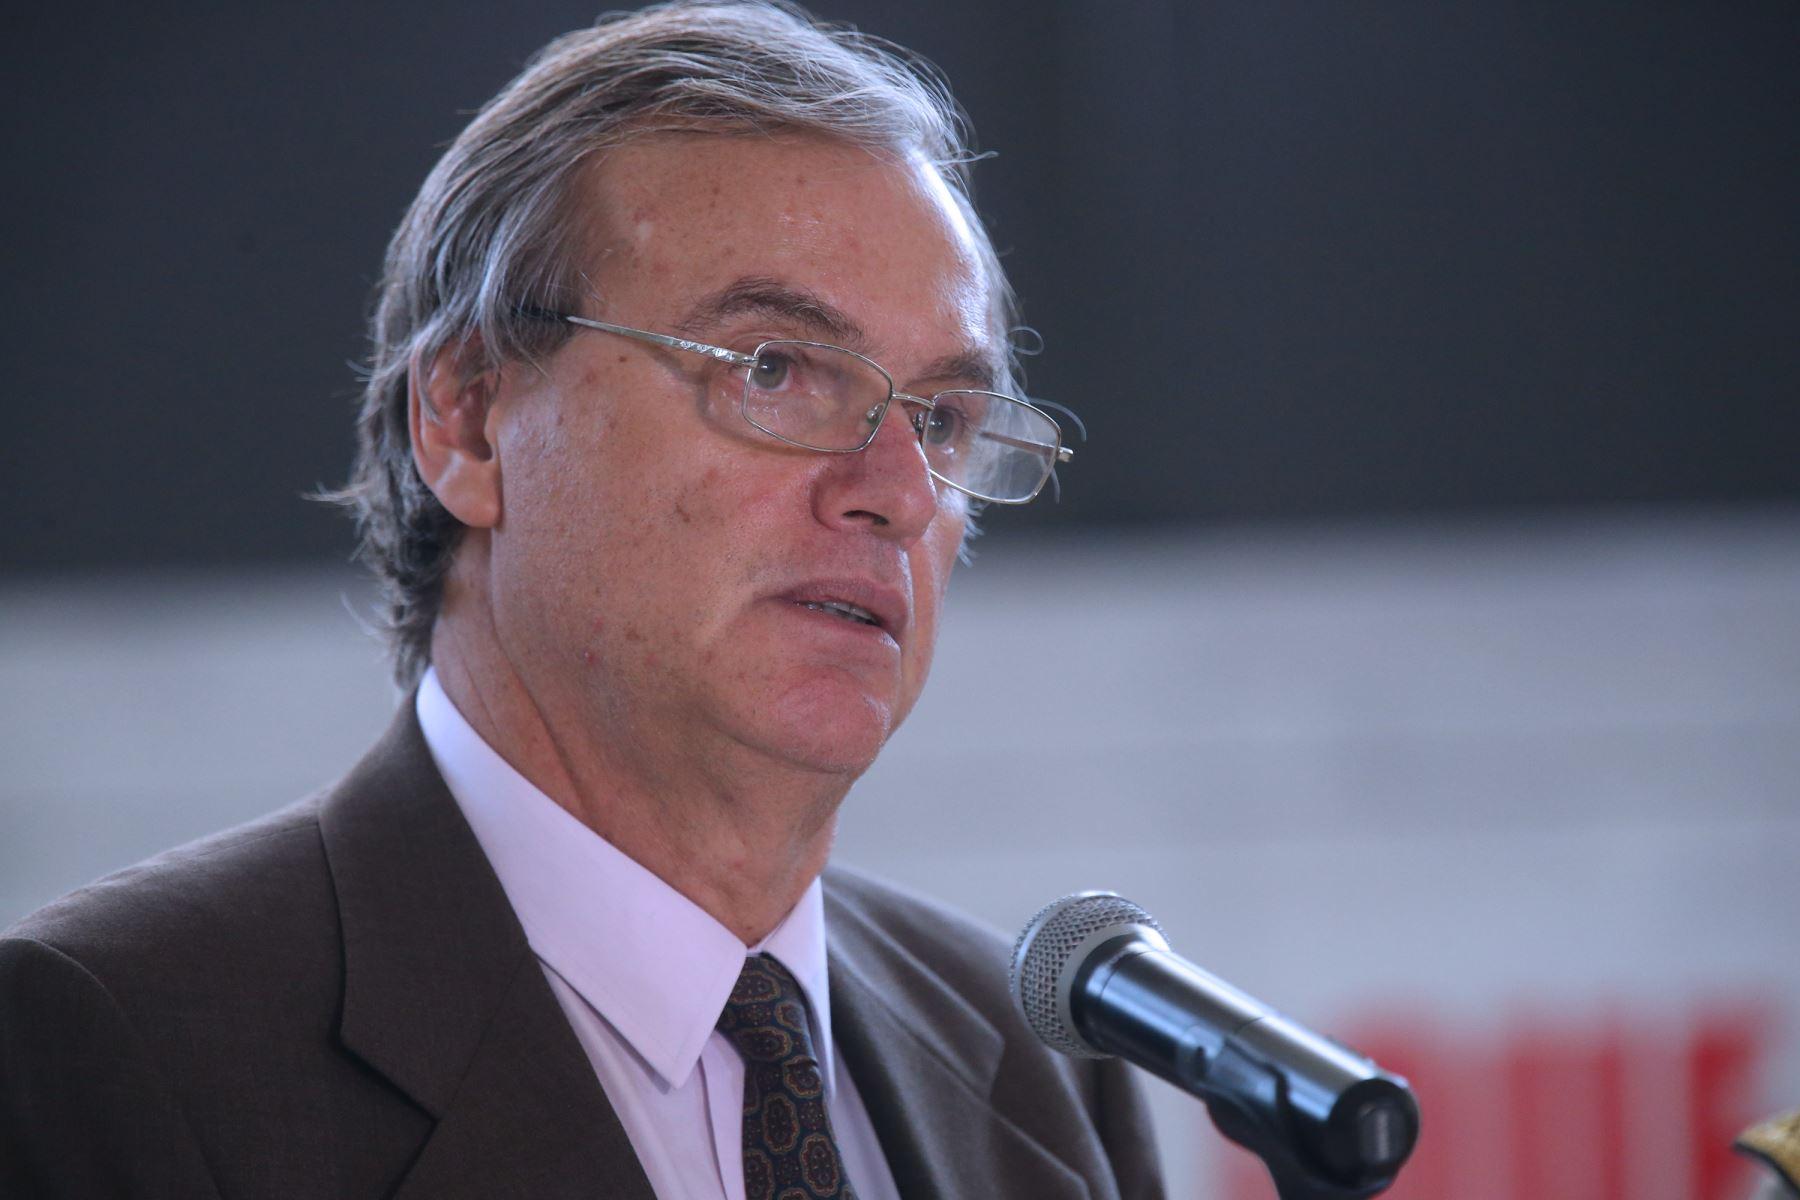 Ministro del interior presentar plan contra la for Ministro del interior espana 2016